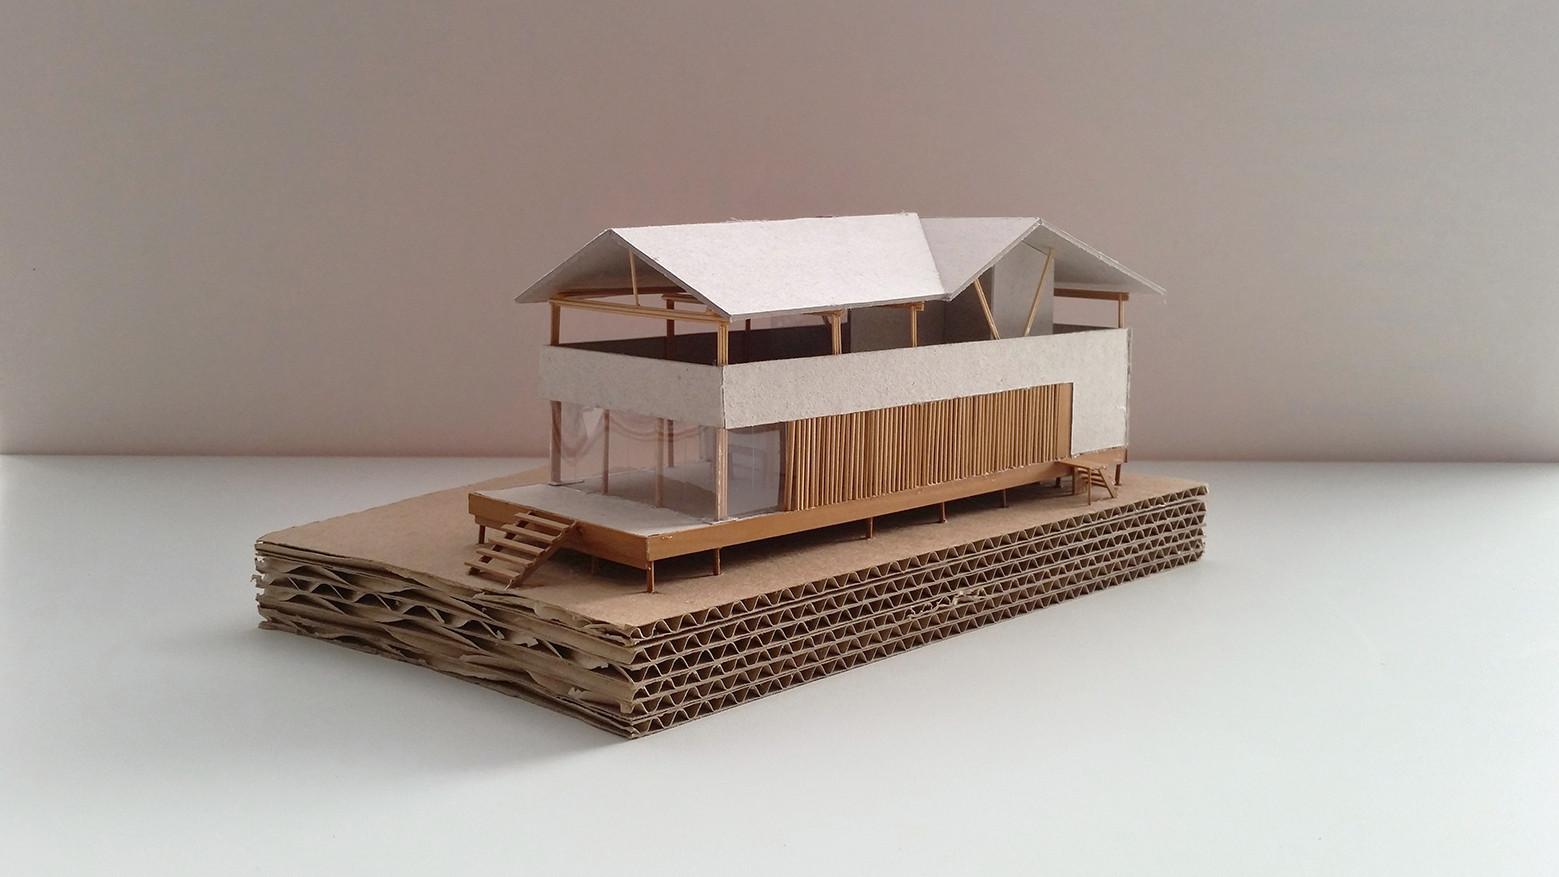 Galer a de casa en playa del carmen yupana arquitectos 10 for Sillas para una maqueta